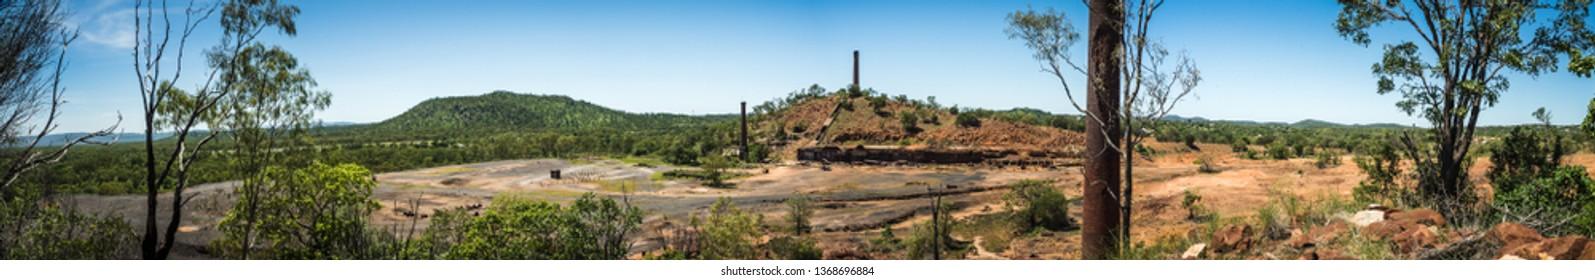 Fundición de cobre Chillagoe en el interior de Australia, hermoso paisaje en medio de la nada